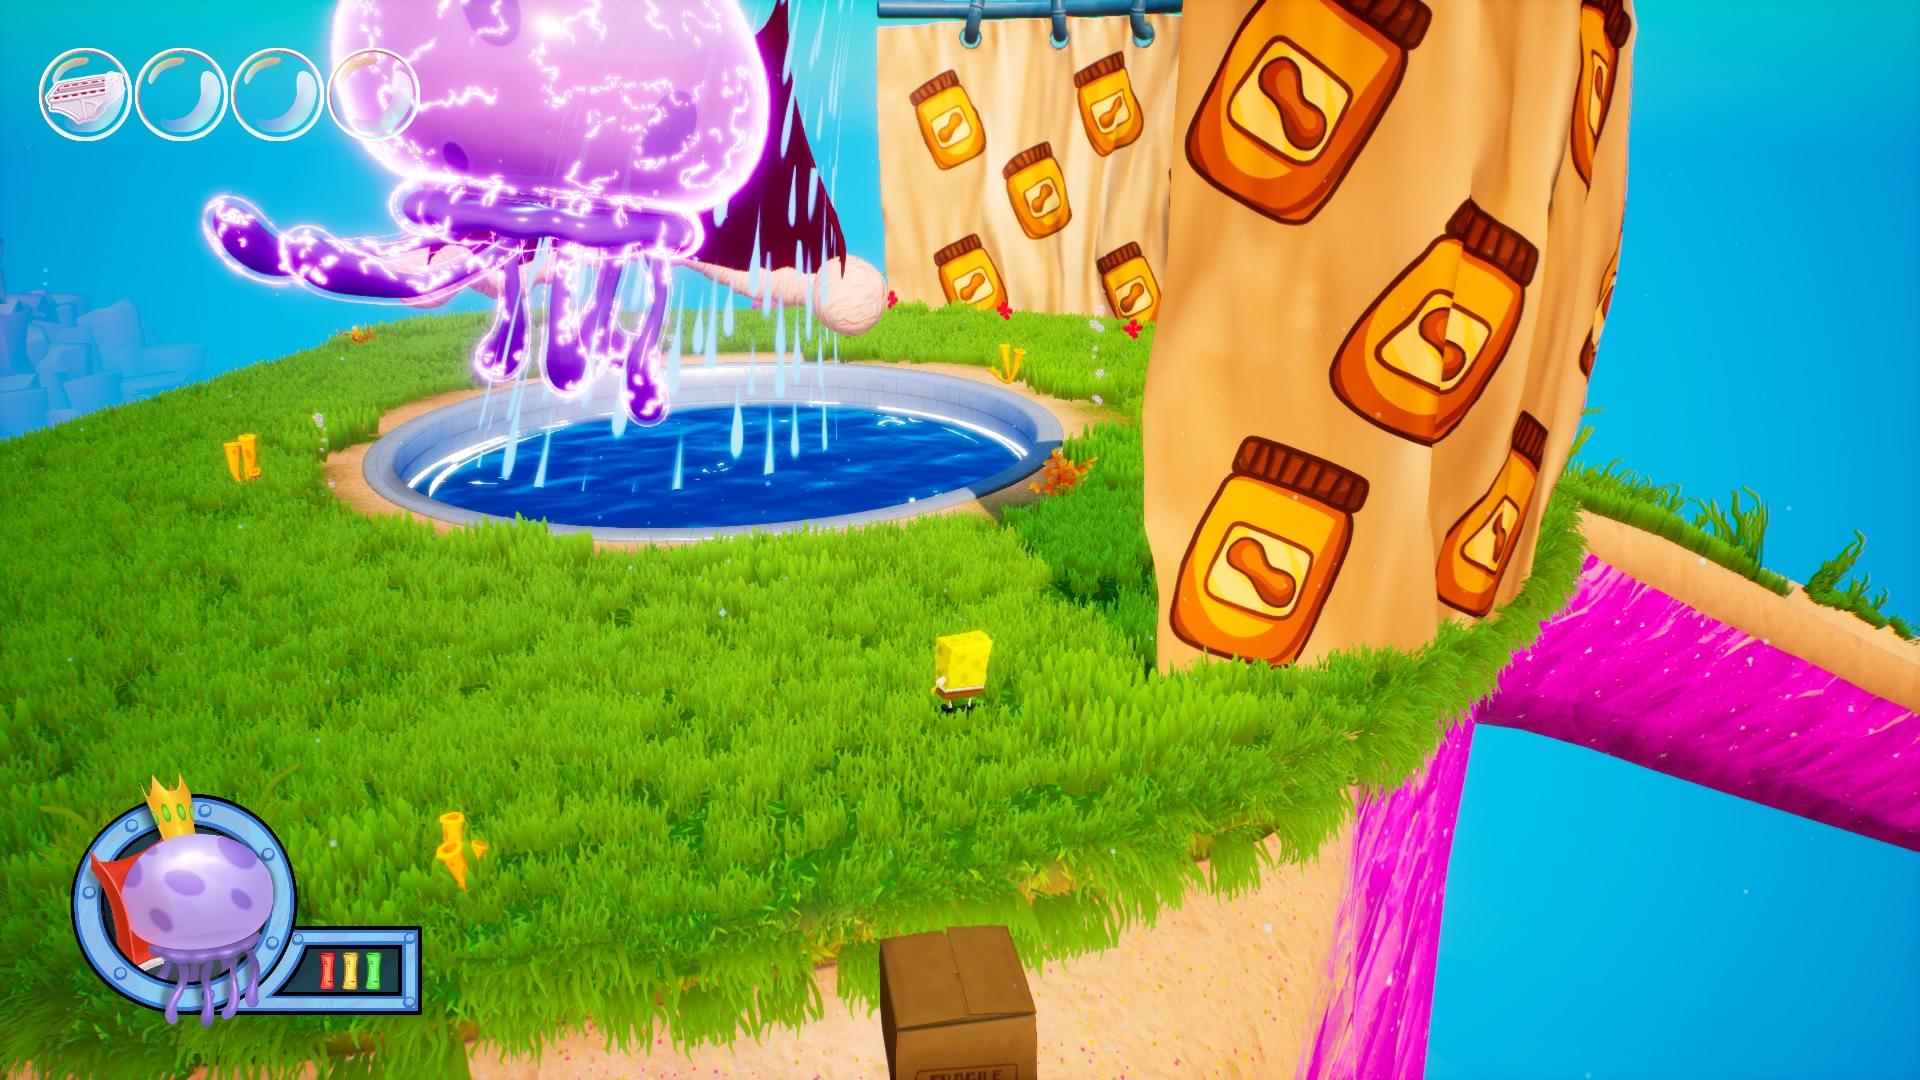 Recenzja SpongeBob SquarePants: Battle for Bikini Bottom - Rehydrated. Naprawdę udany tytuł nie tylko dla najmłodszych 20